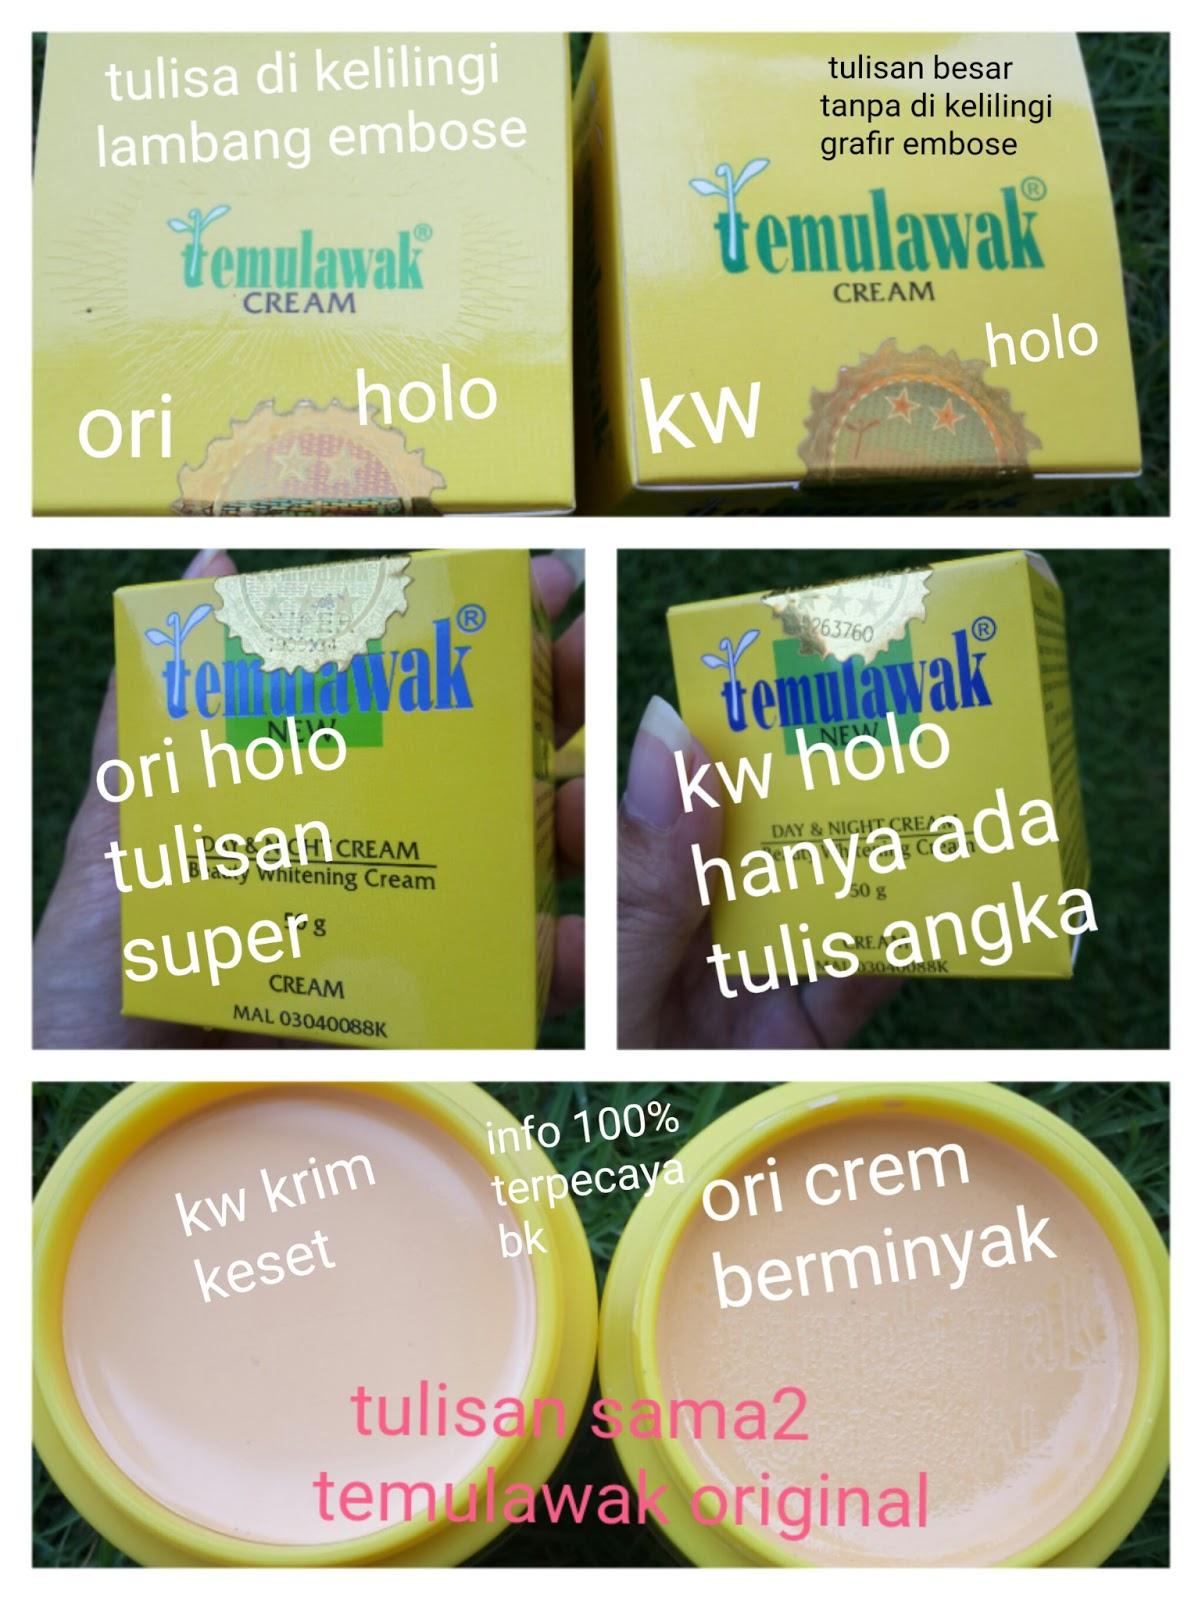 Cream Temulawak Ori Hanya Sabun Bk23 Grosir Kosmetik Bedak Produk Perwatan Yang Sangat Populer Saat Ini Tak Heran Selain Harganya Terbilang Terjangkau Memang Memiliki Banyak Sekali